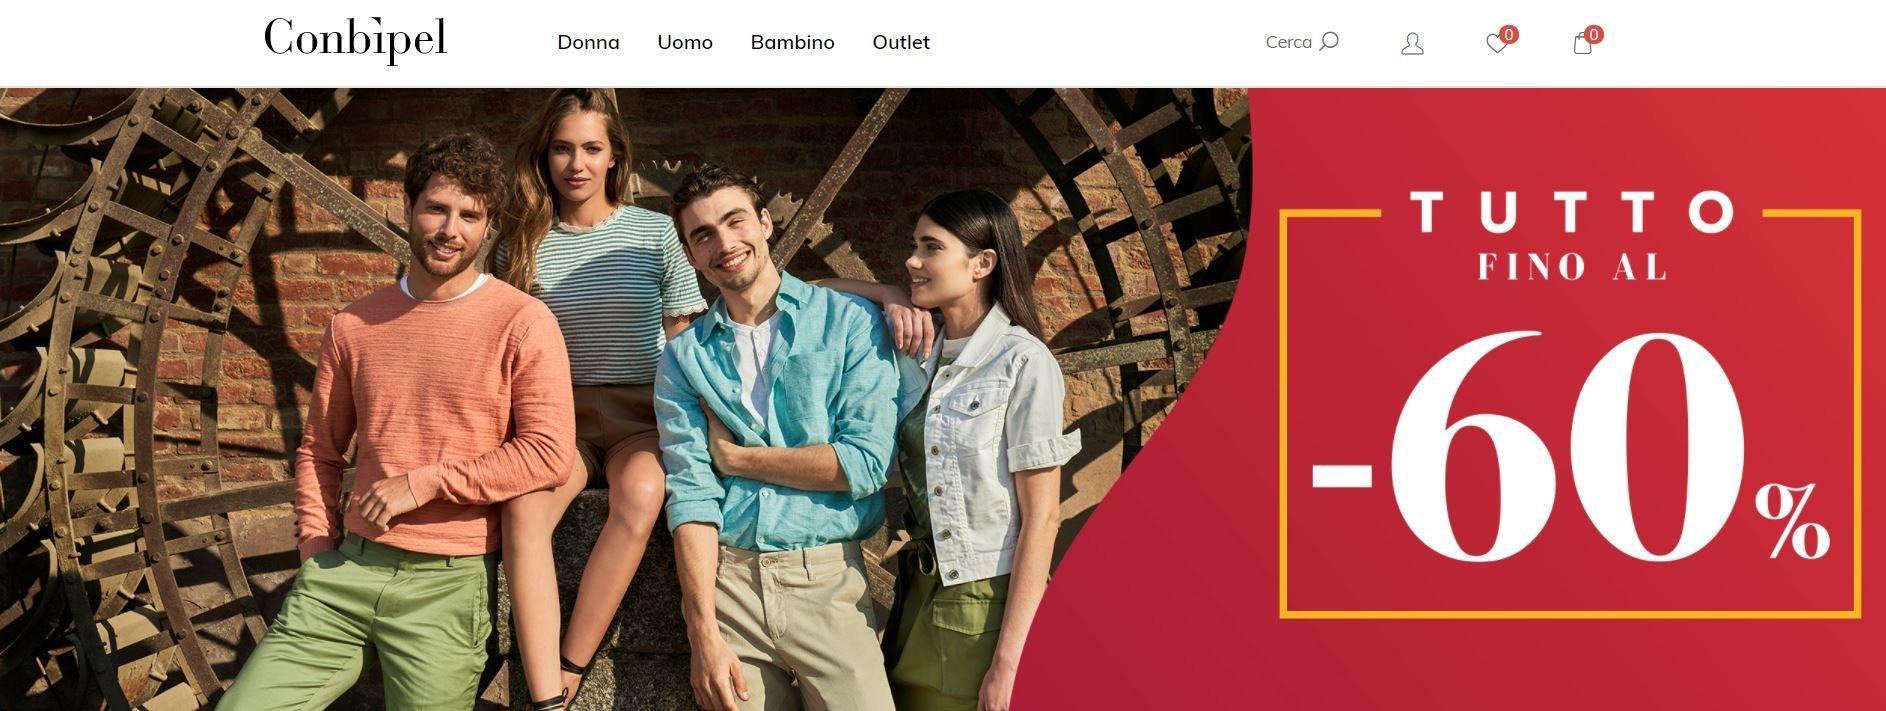 Conbipel купити онлайн з доставкою в Україну - myMeest - 2